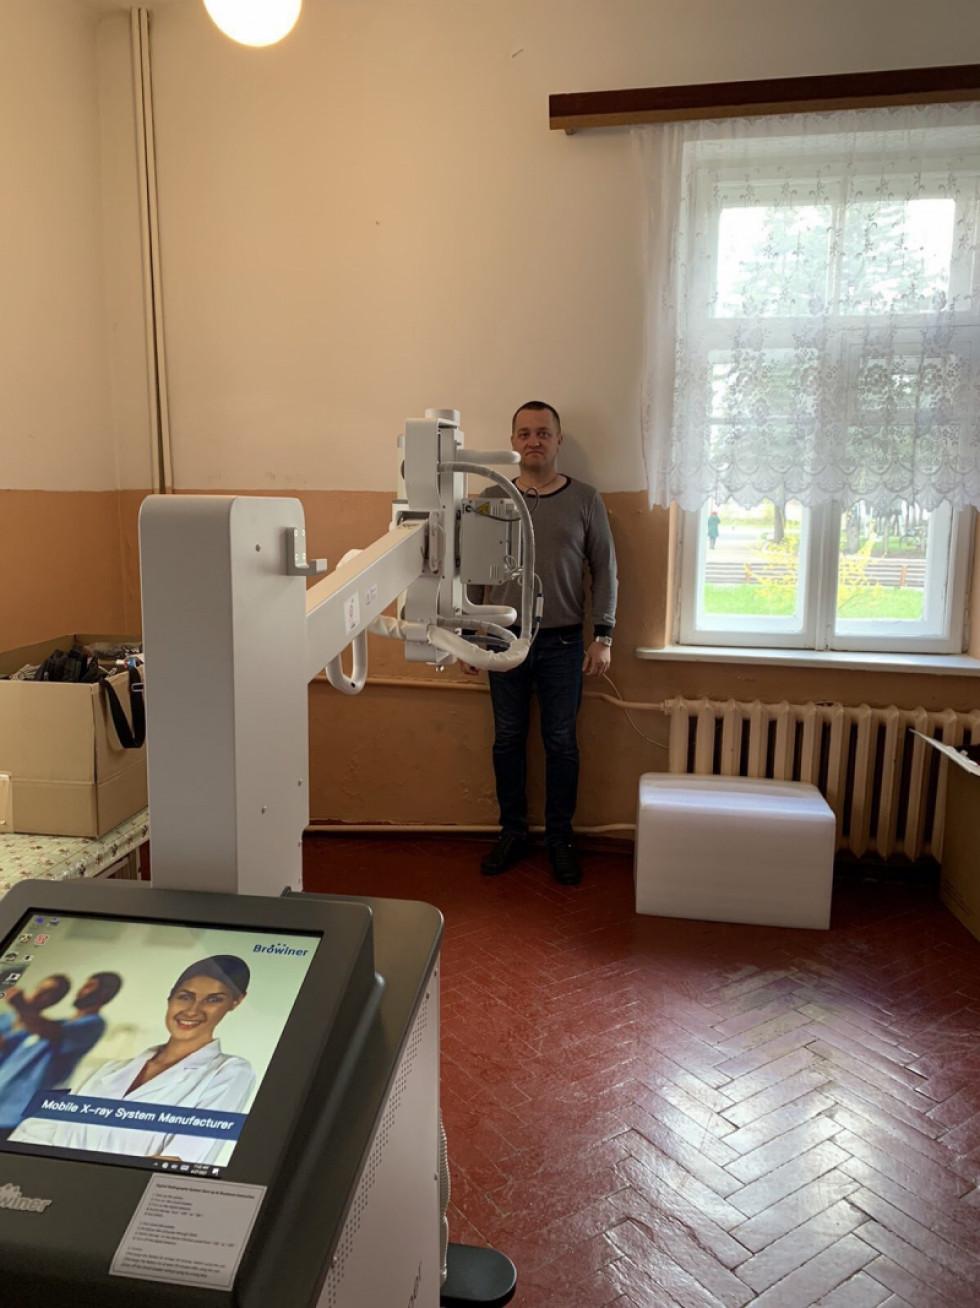 Заступник міського голови Ківерців Віктор Лисюк випробовує на собі нове медичне обладнання – рентгенівський апарат